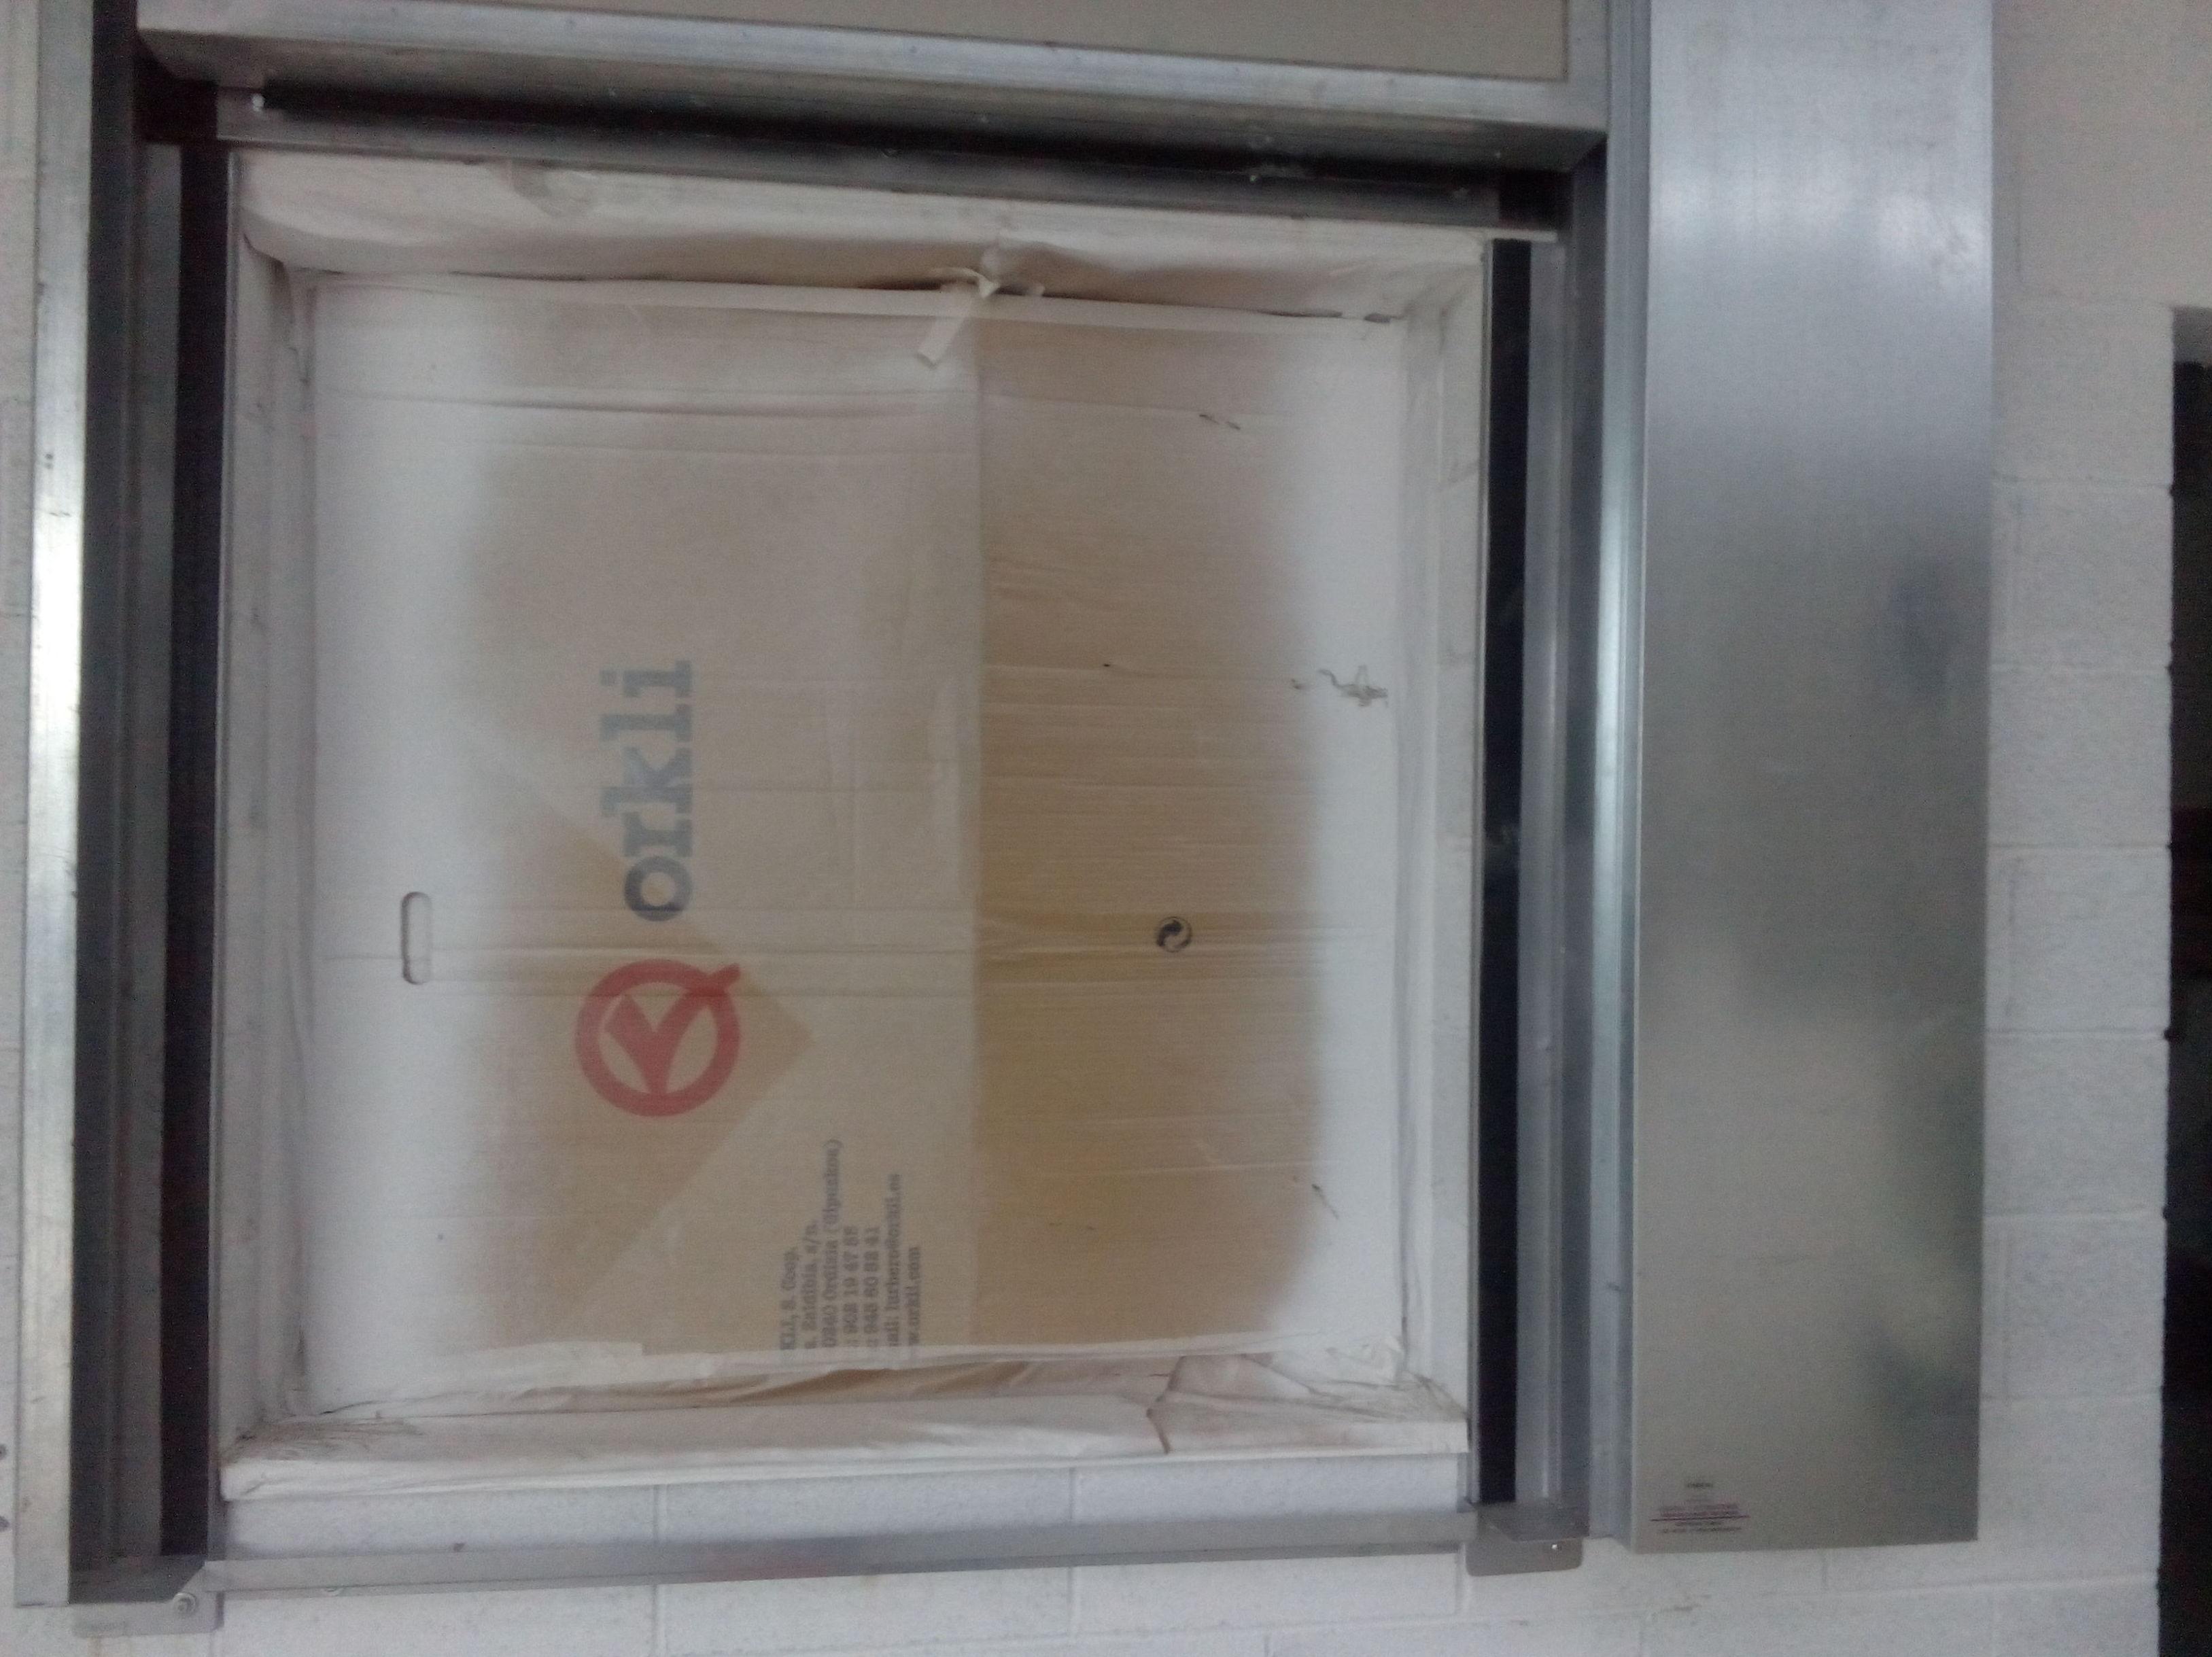 Puerta cortafuegos guillotina vertical , junta intumescente, resistencia al fuego 90 minutos